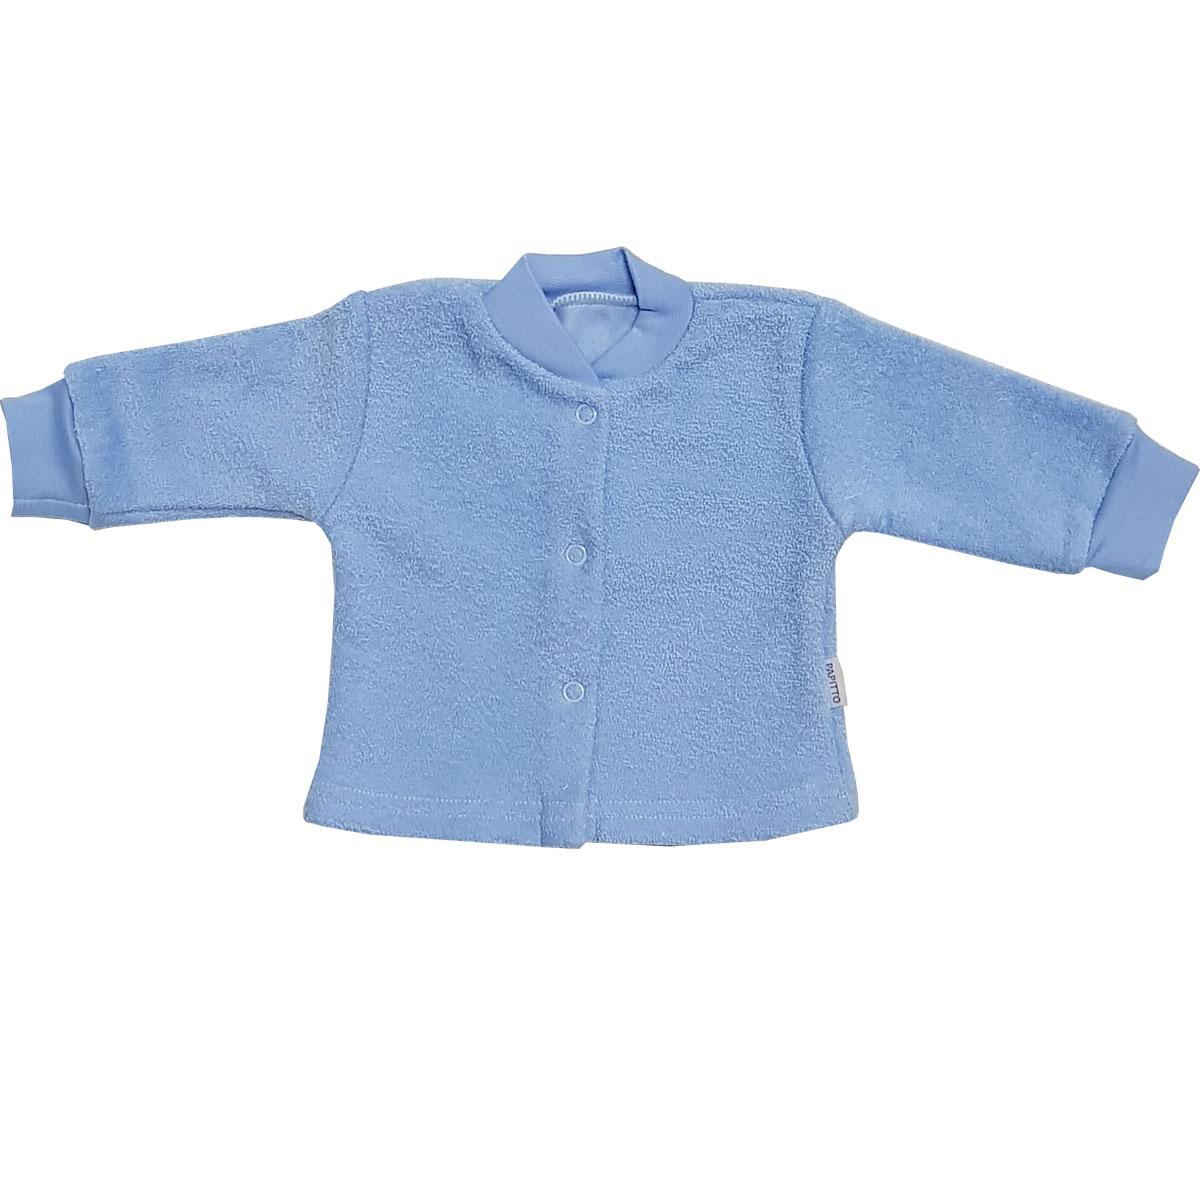 Купить И93-201, Кофта детская Папитто на кнопках голубой с начесом р.18-50, Кофточки, футболки для новорожденных